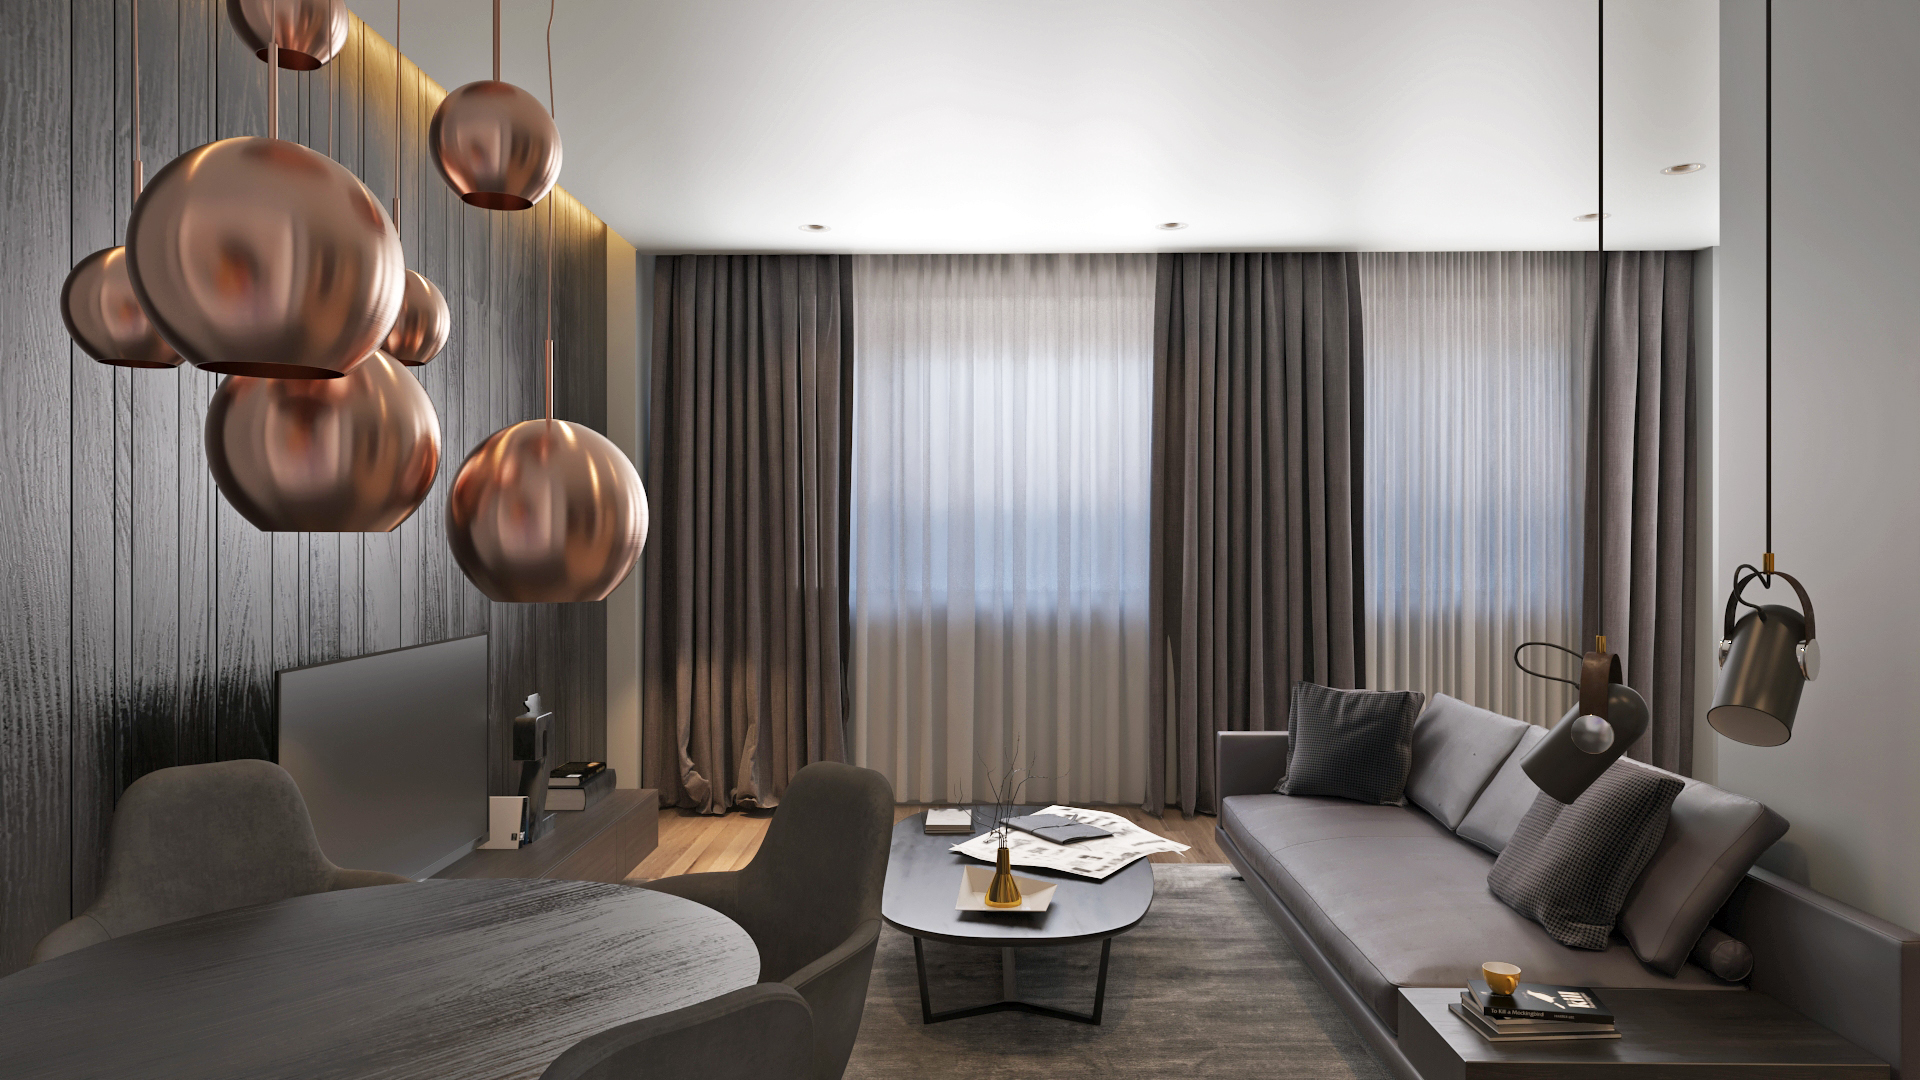 2c2-apartament cu 2 camere cochet